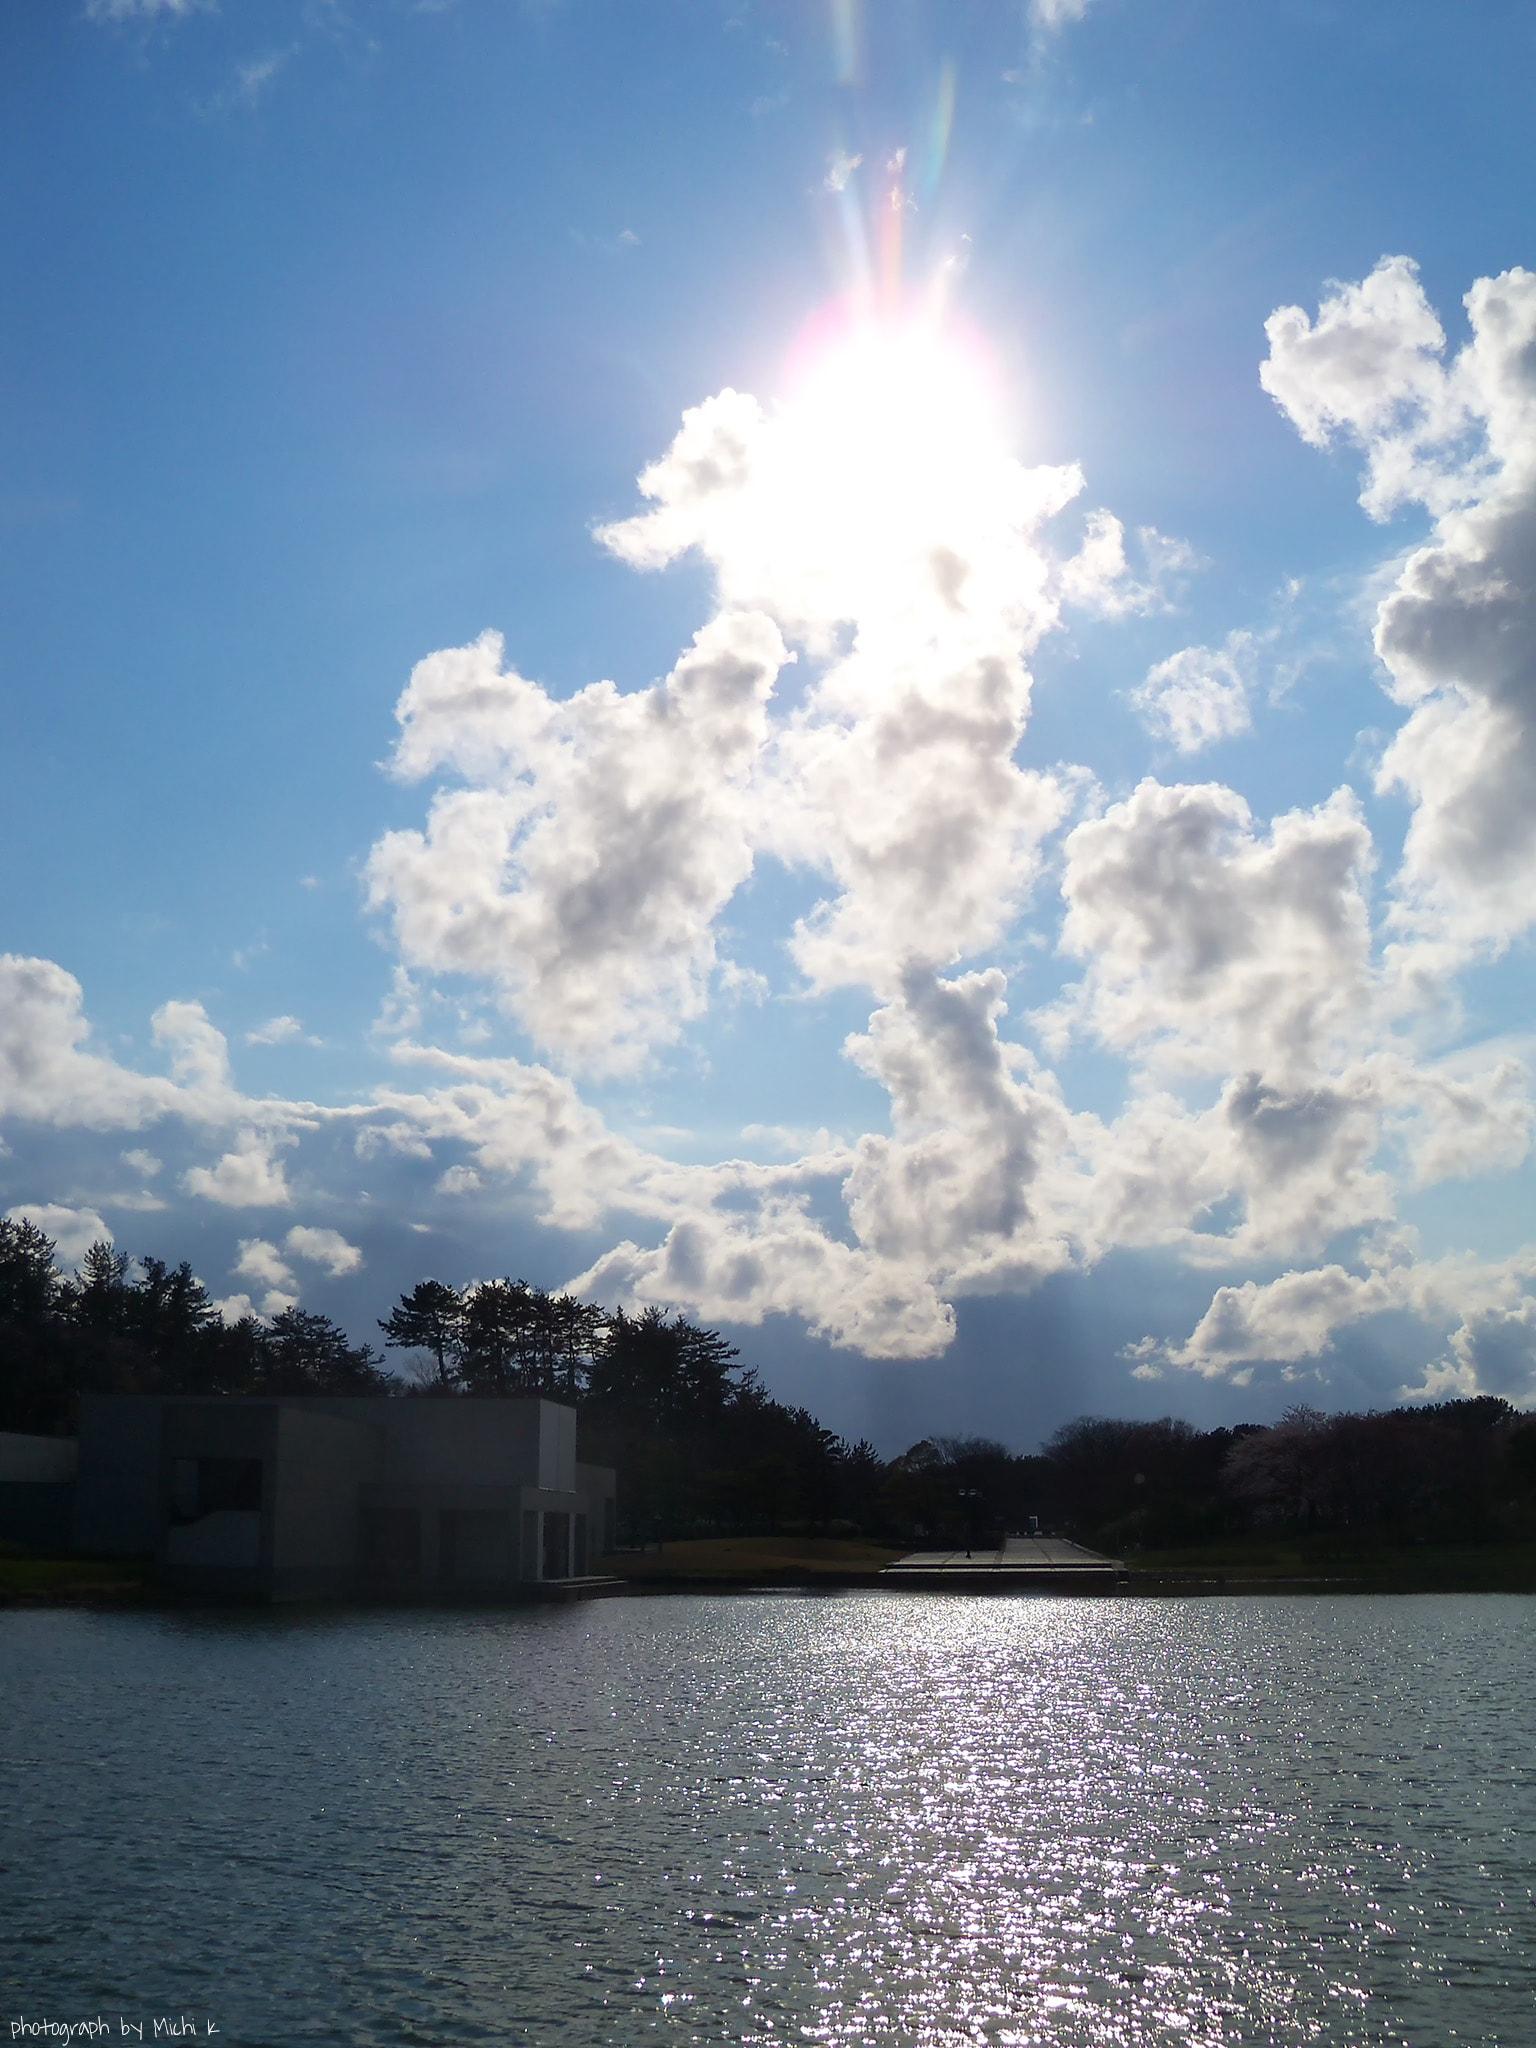 2020年4月9日撮影、土門拳記念館の写真(その4)